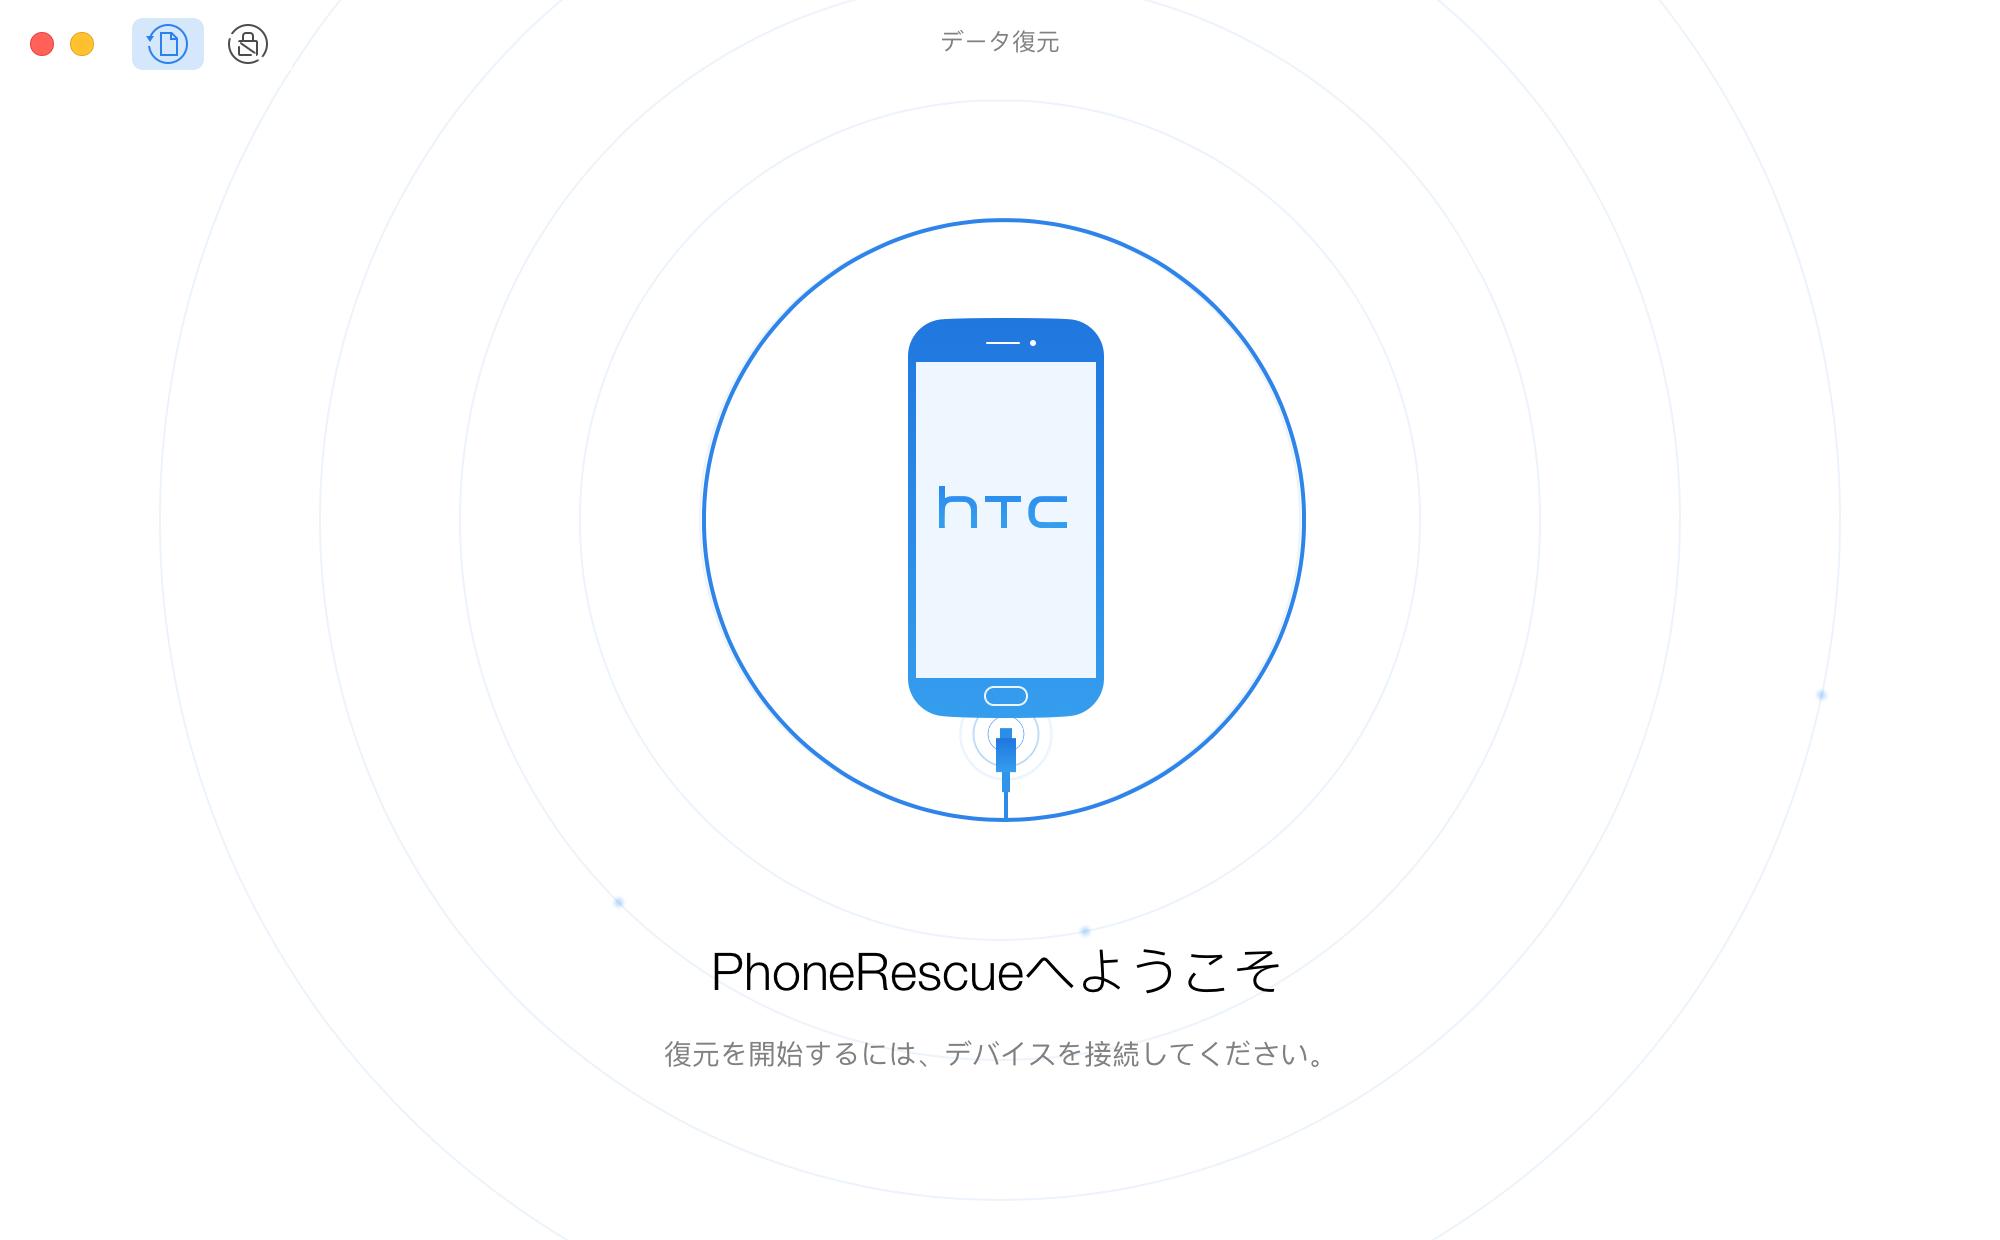 hTCデバイスを接続